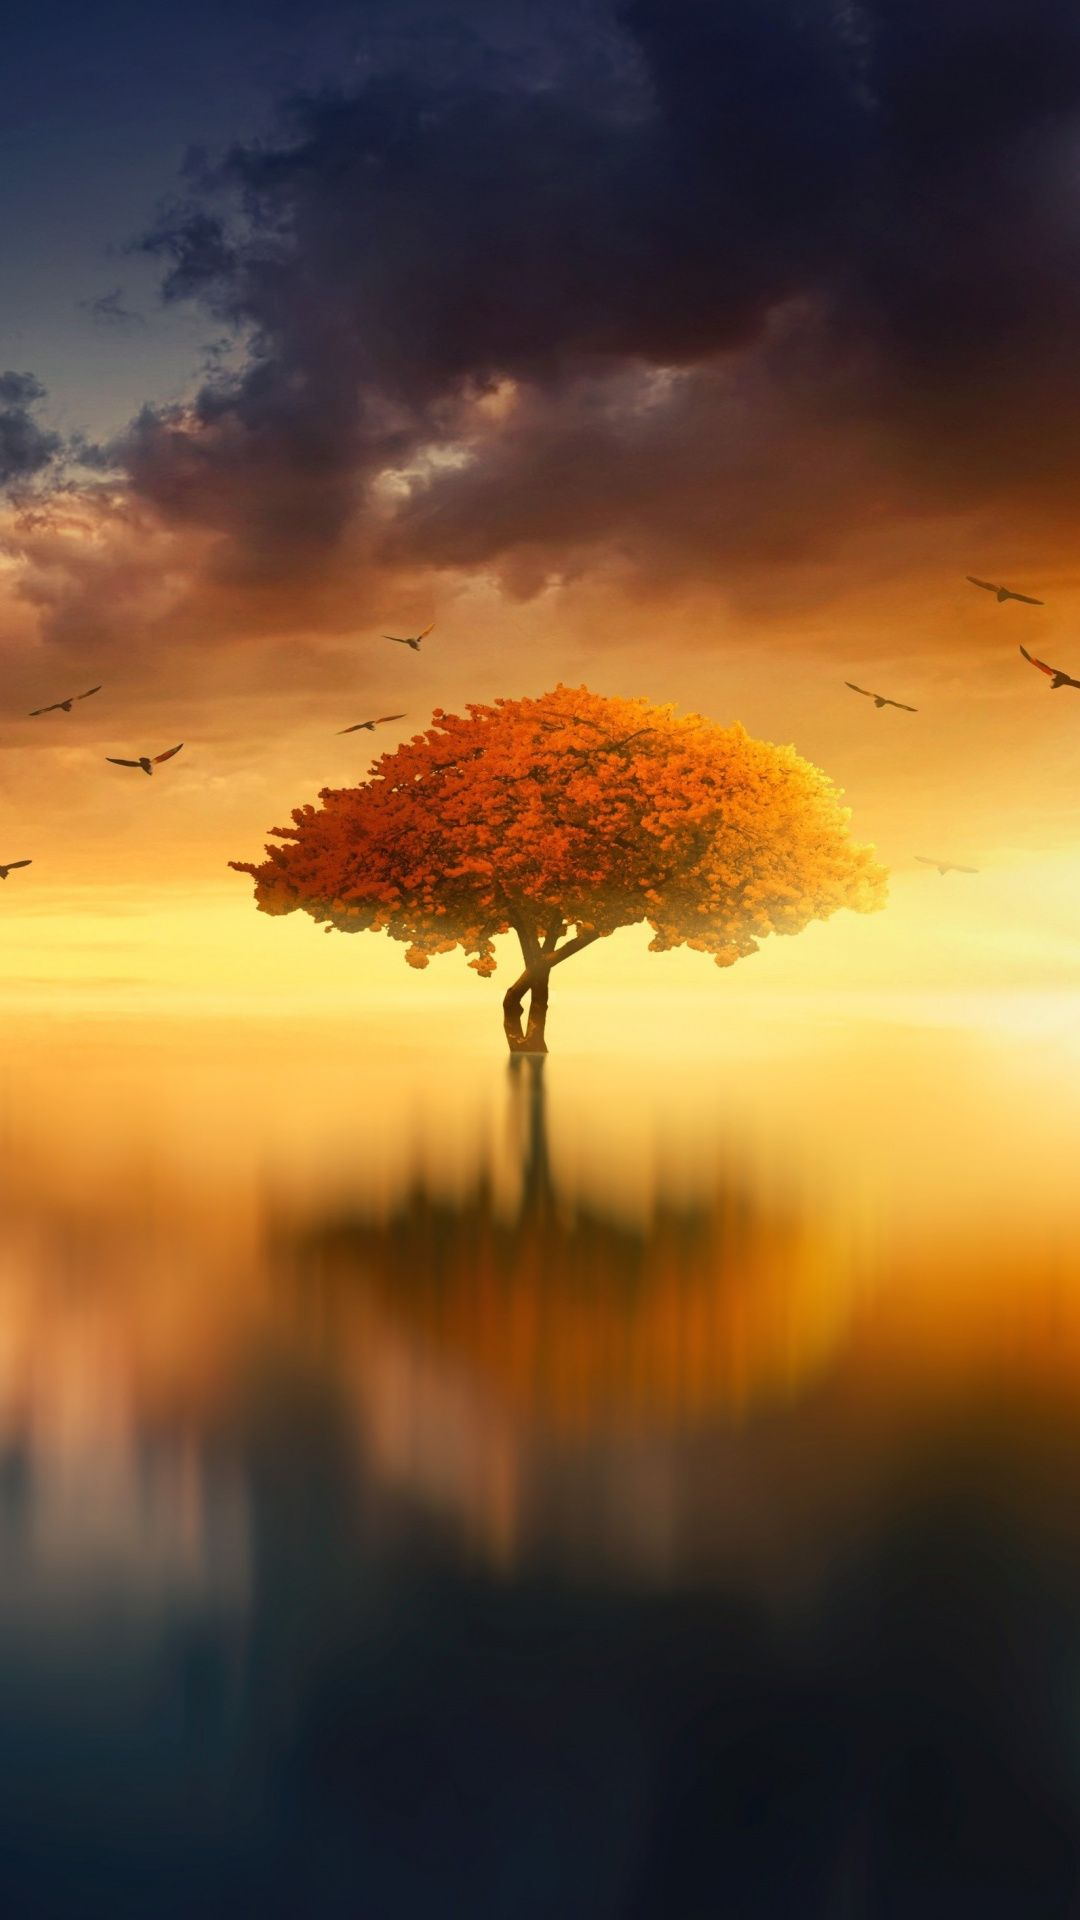 Sunset Birds Lake Tree Reflection Photoshop 1080x1920 Wallpaper Photographie De Paysages Papier Peint Coucher De Soleil Photographe Nature